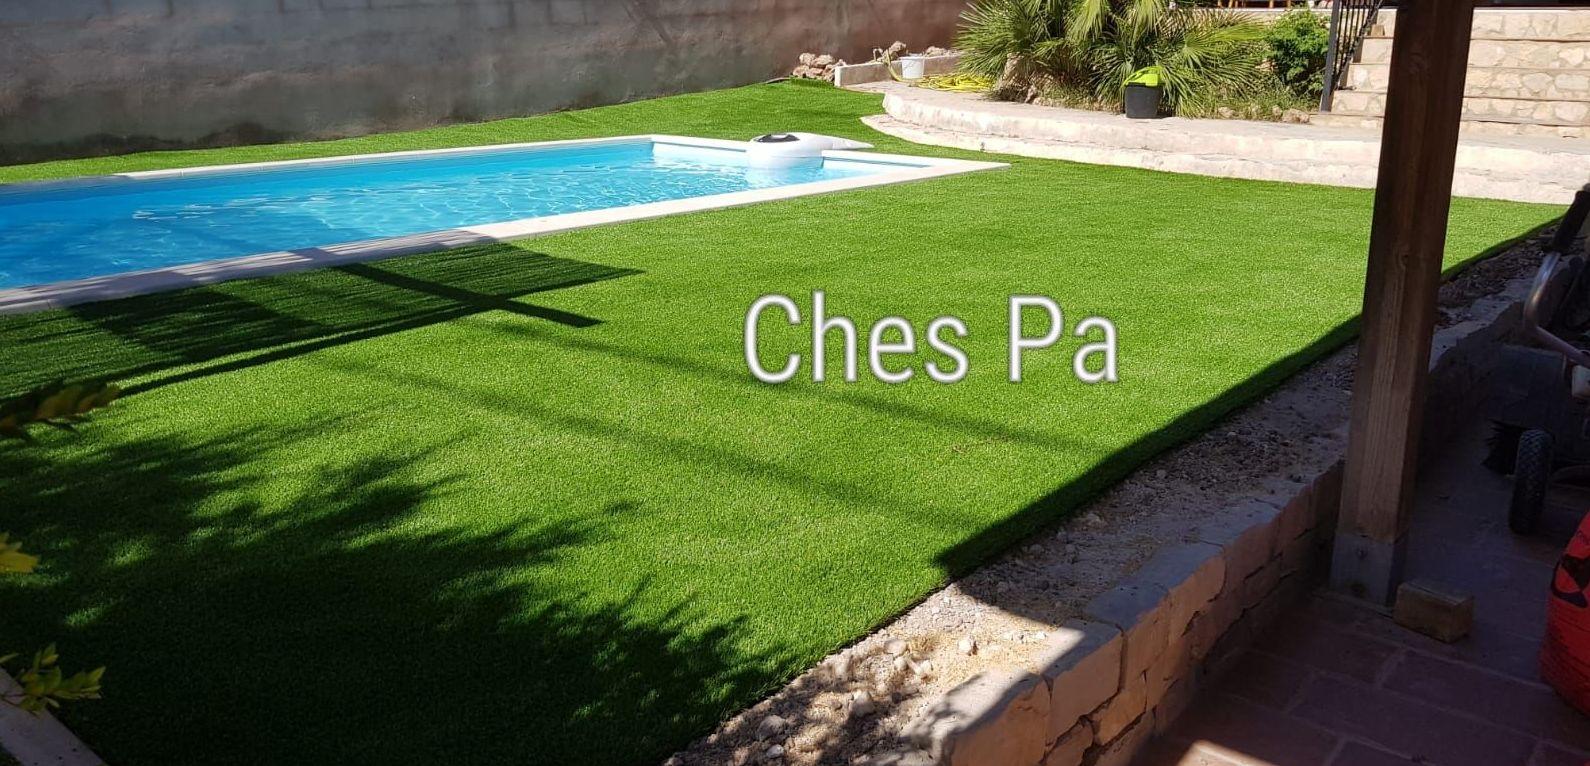 Proyecto paisajismo en jardín particular, piscina, jardineras con corteza, césped artificial en Valencia